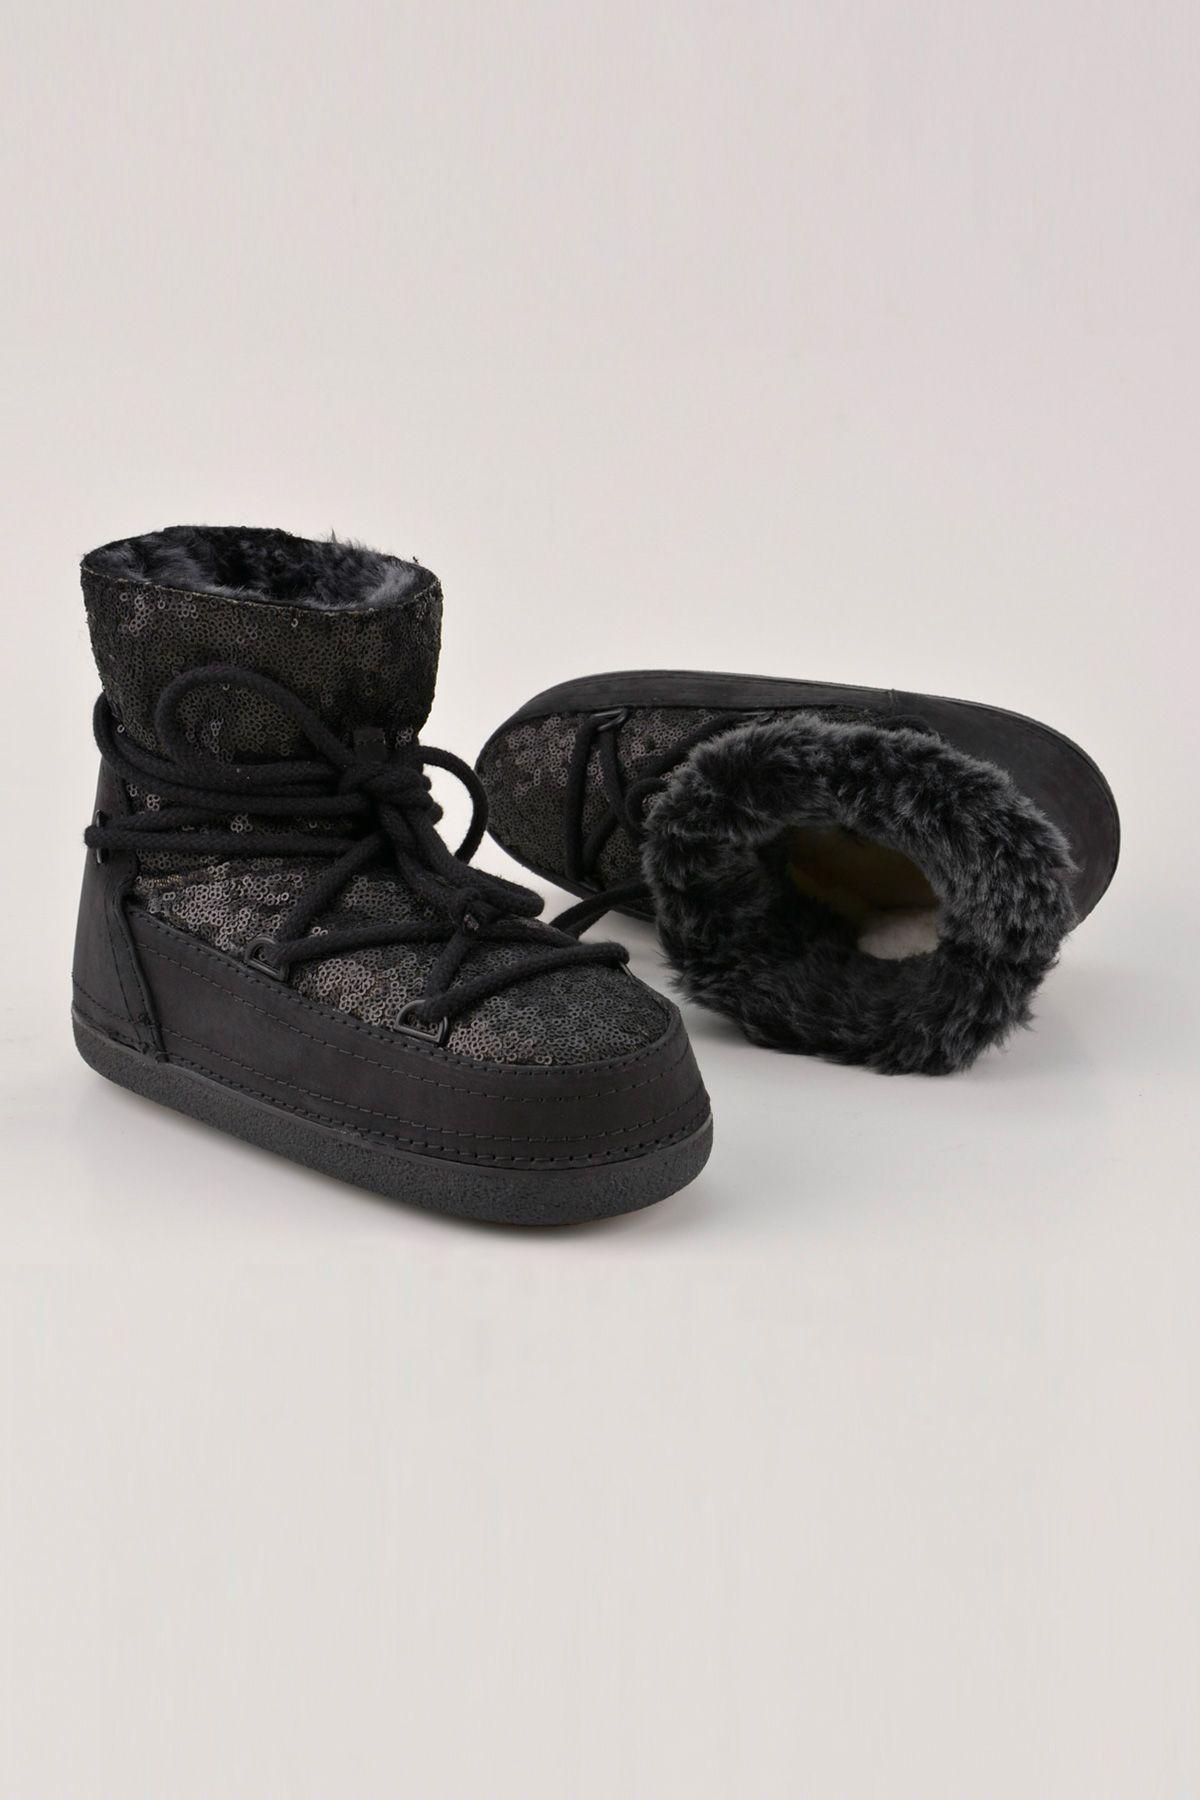 BYMN Hakiki Deri İçi Kürk Pullu Bayan Kar Botu B351004 Siyah